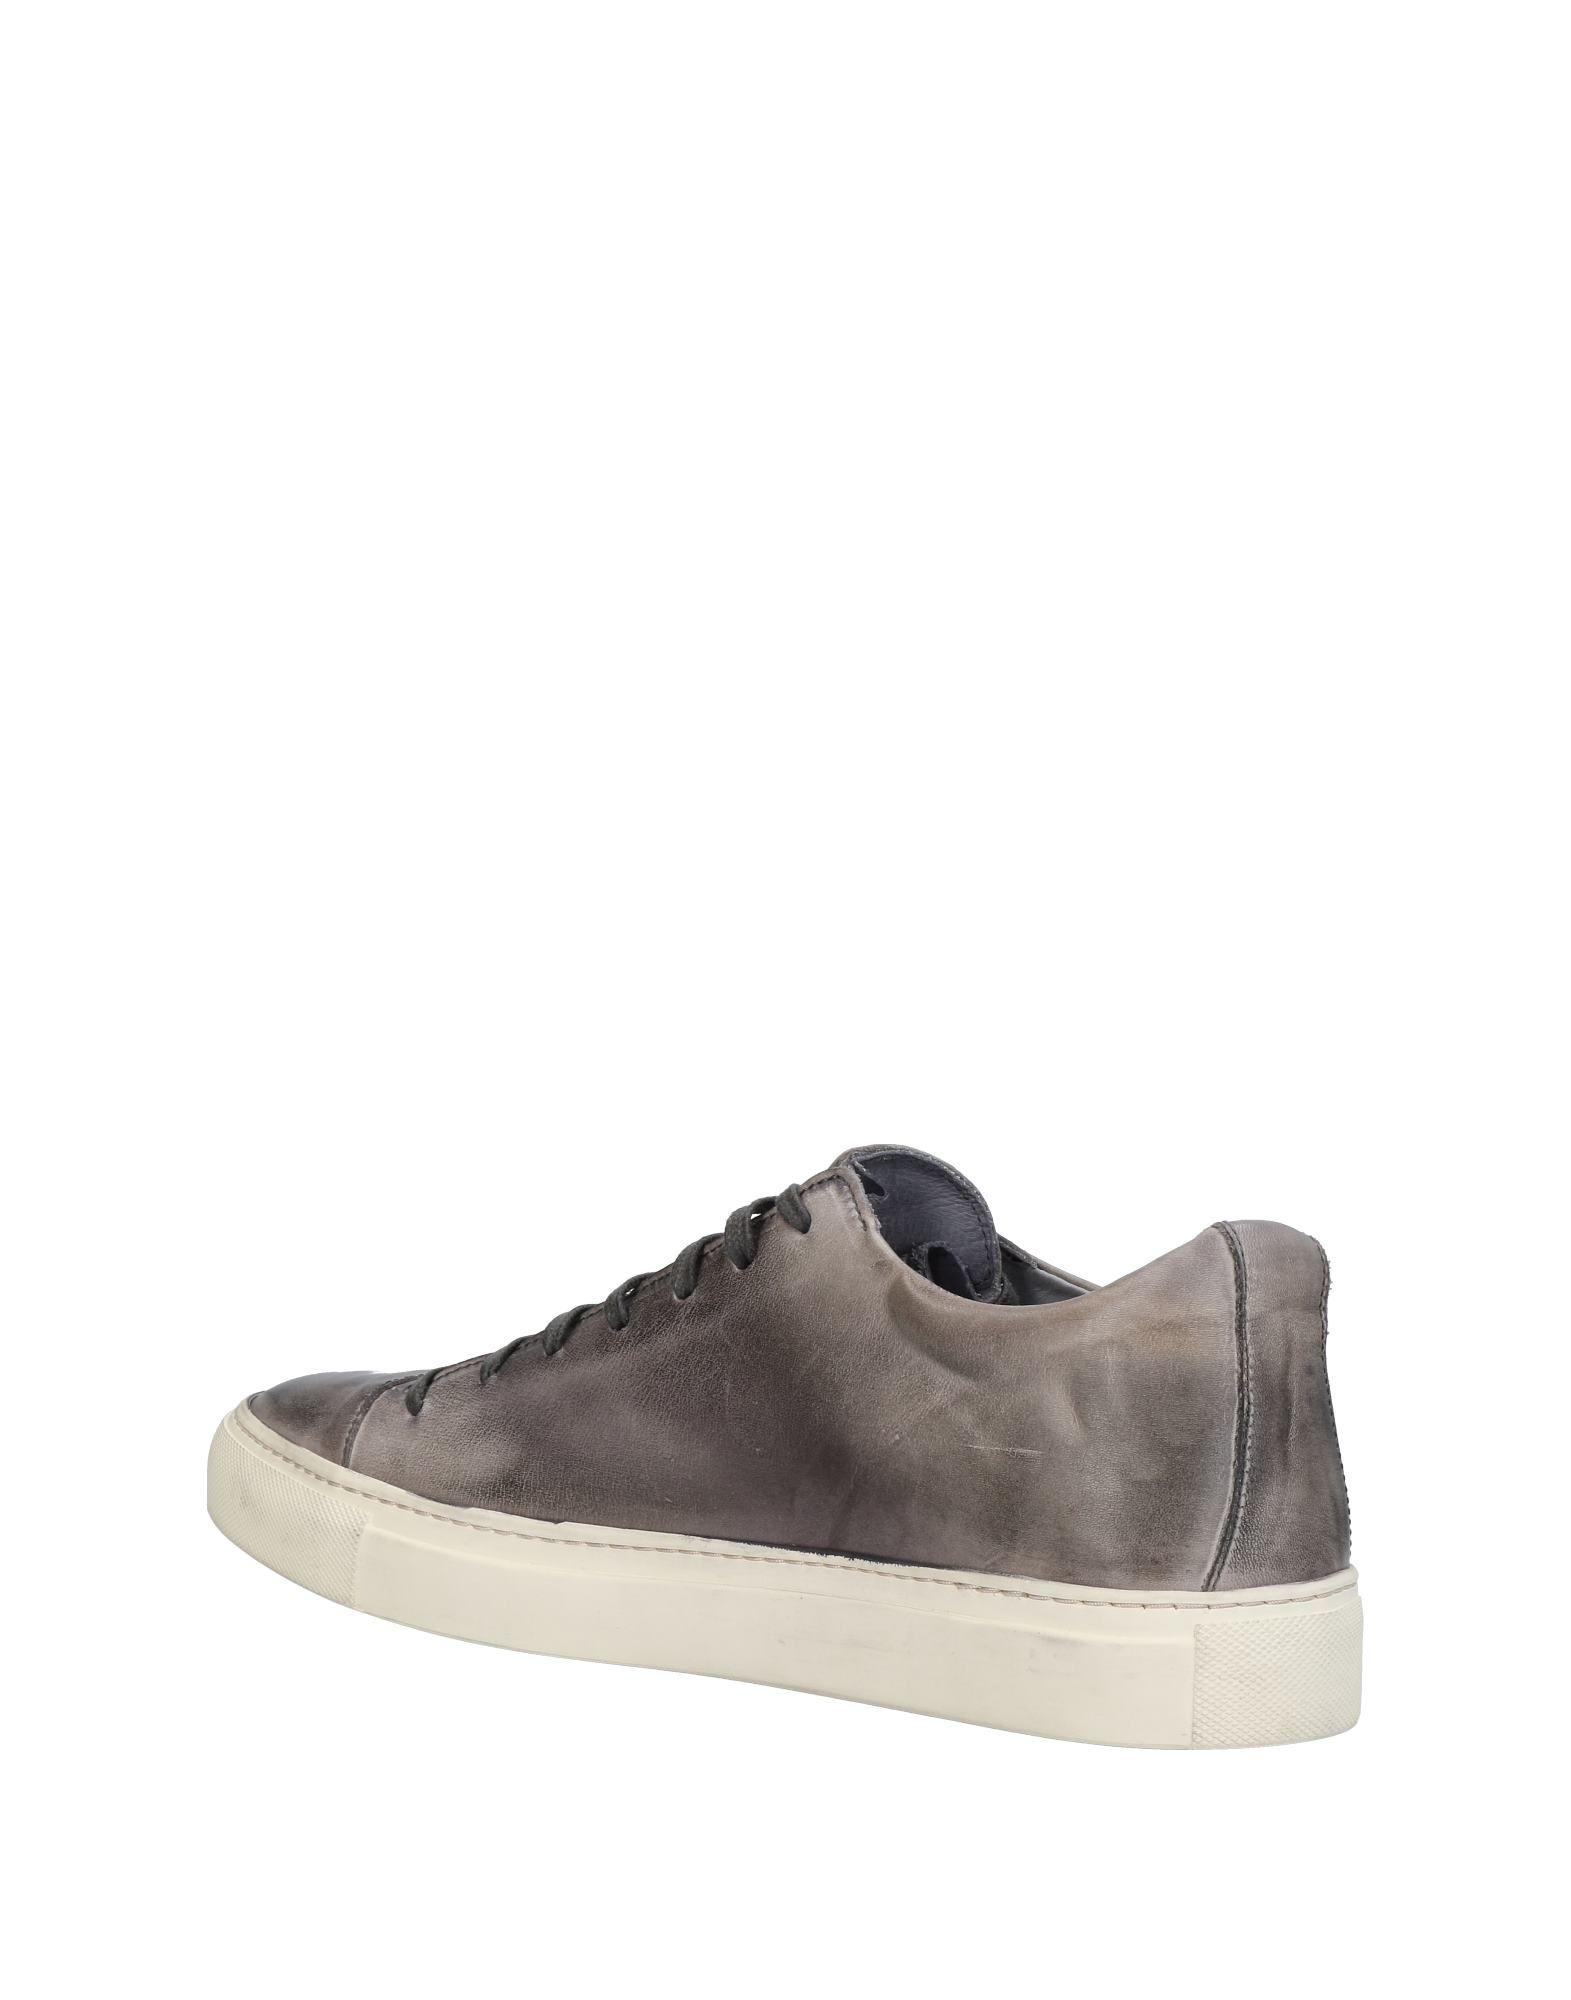 Sneakers John Varvatos Homme - Sneakers John Varvatos sur